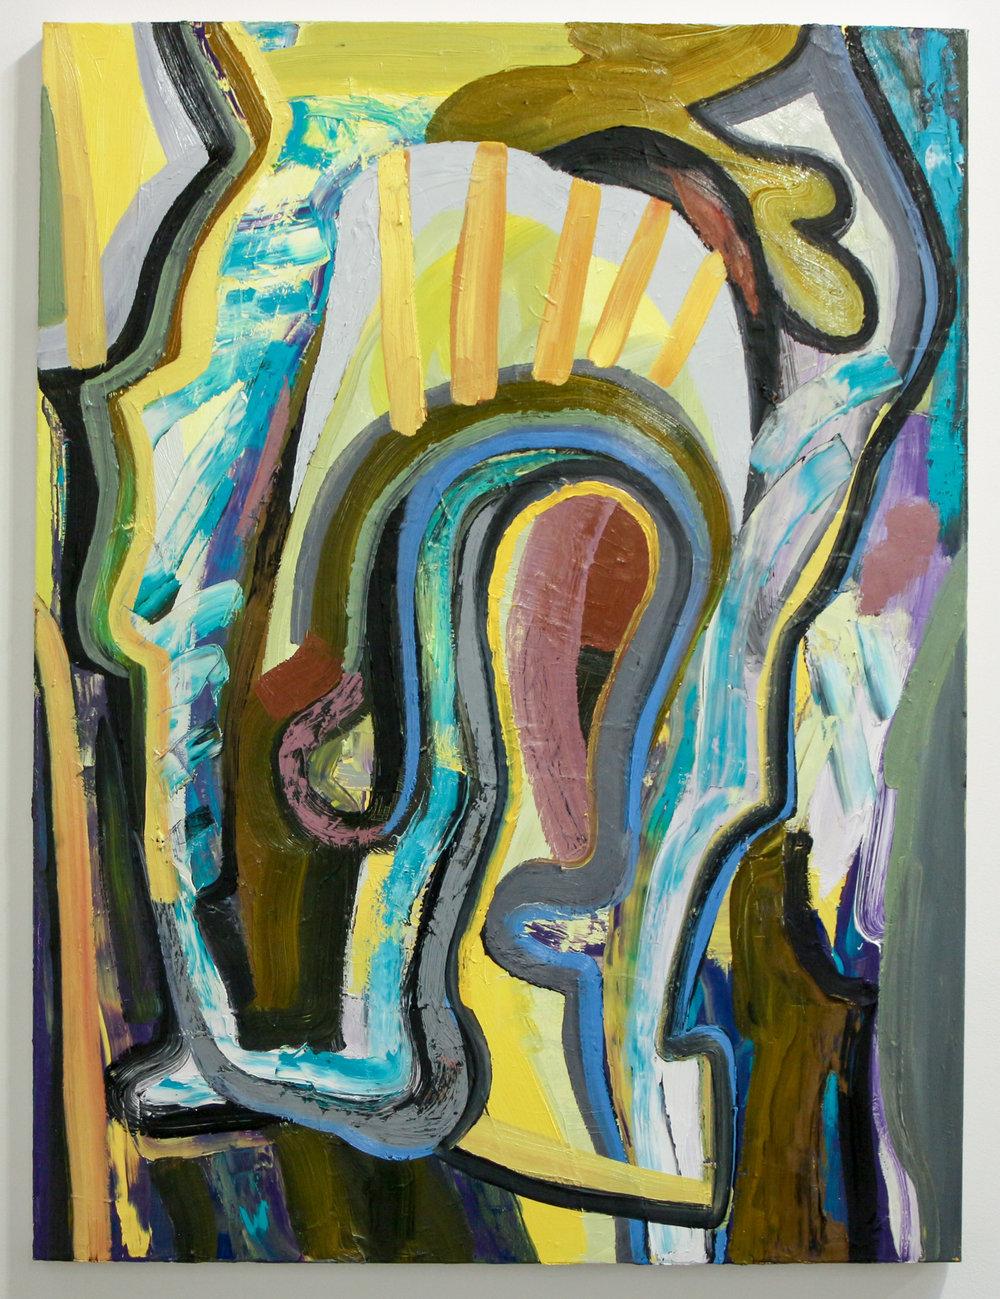 Cabeza de arpa (Head Harp)